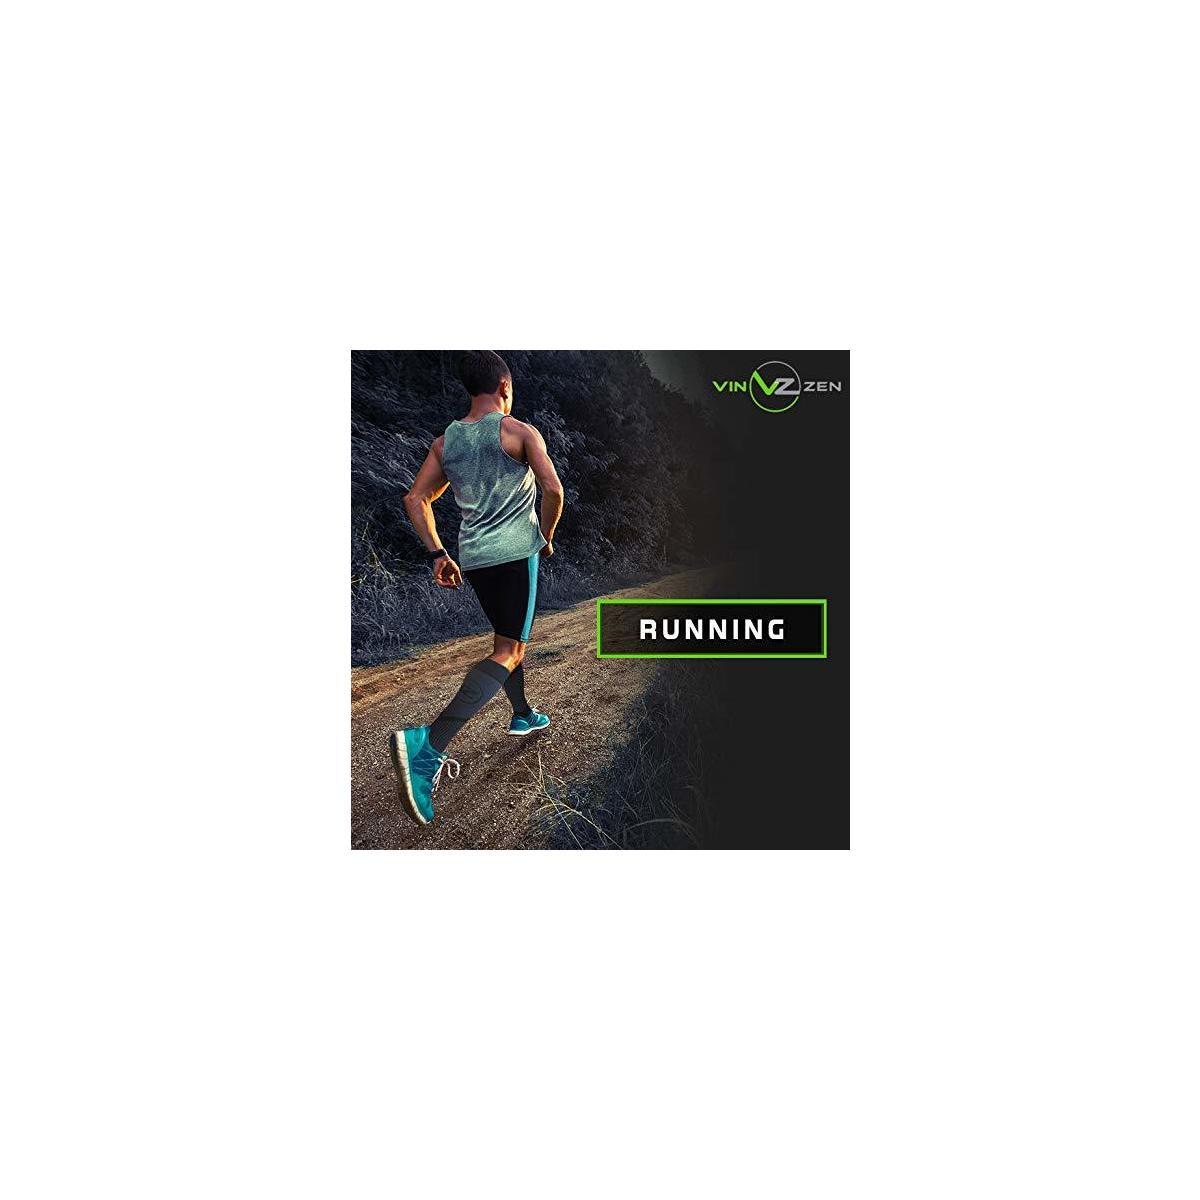 Vin Zen Compression Socks Women & Men (20 30 mmhg) Running Socks Athletic Gear Knee High Stockings, Leg Support 1Pair